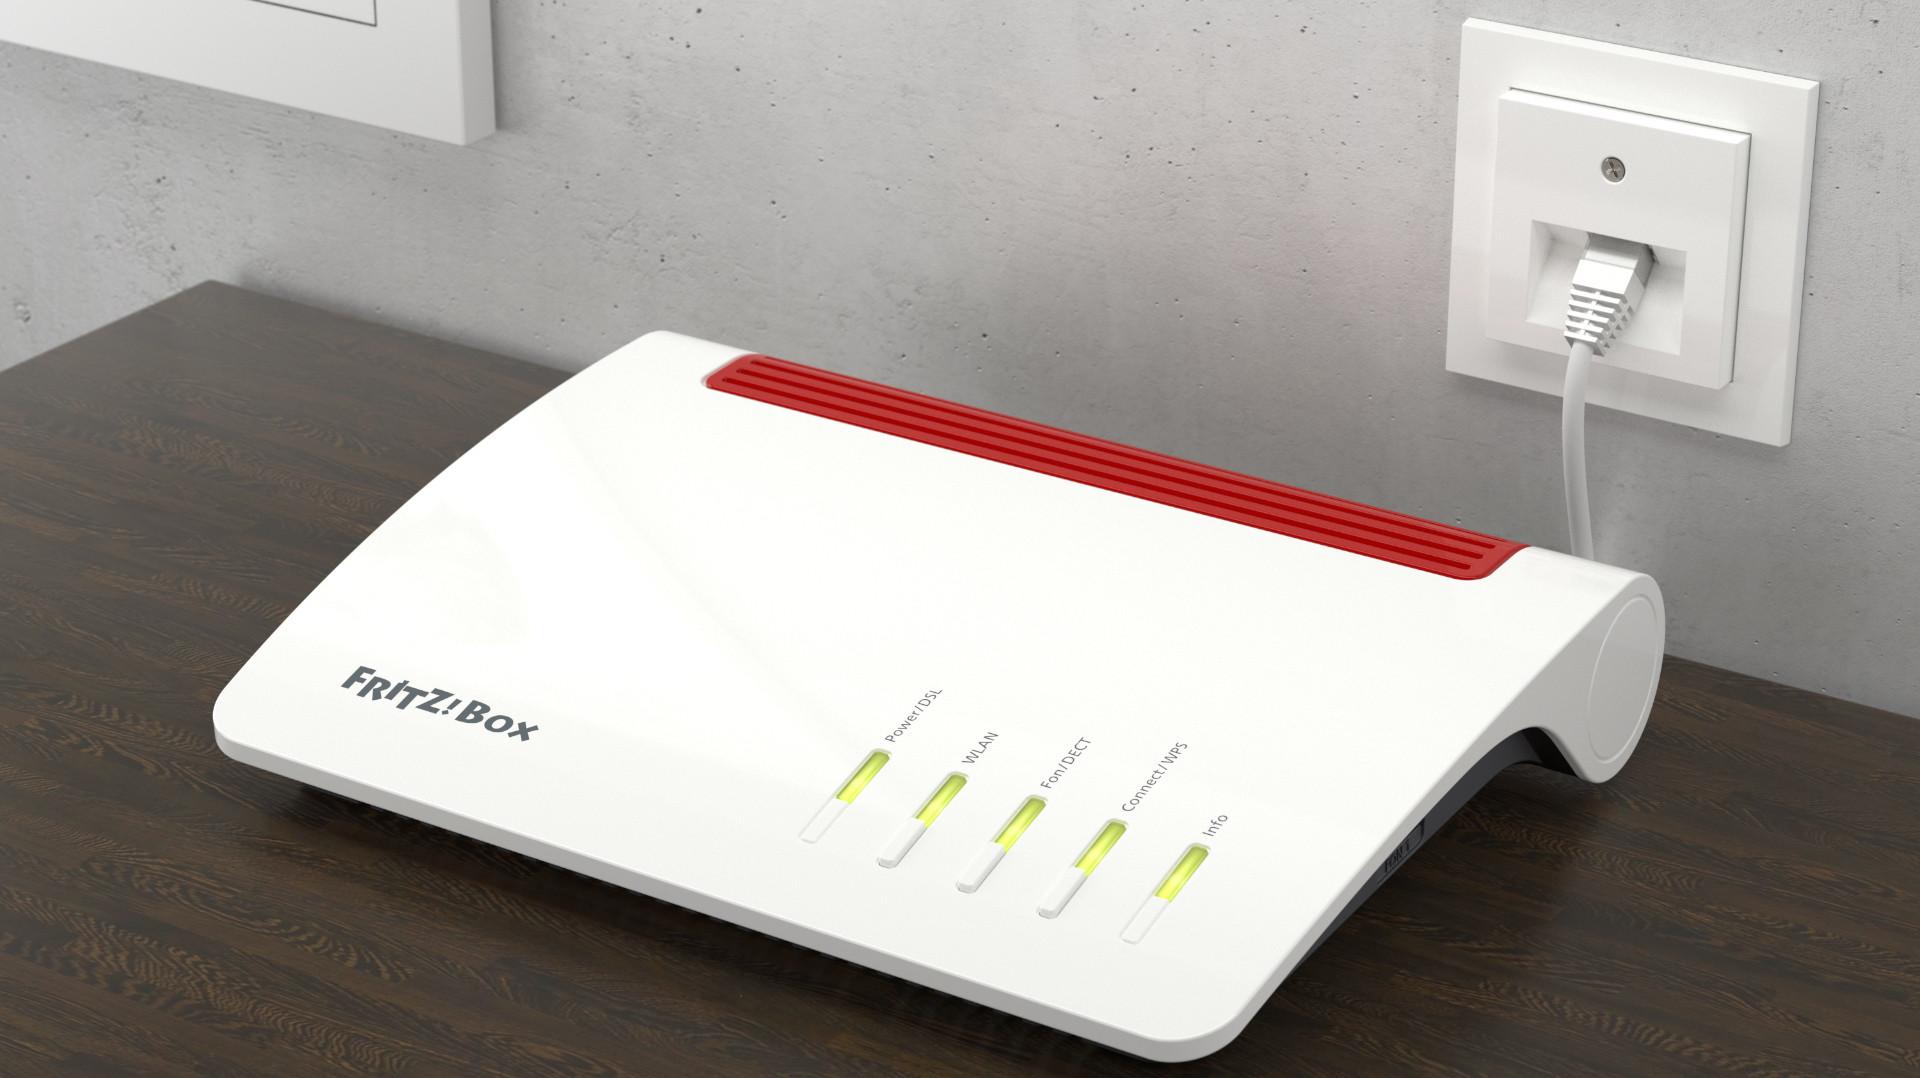 fritzbox l cke erlaubt delikate einblicke ins lokale netz heise security. Black Bedroom Furniture Sets. Home Design Ideas